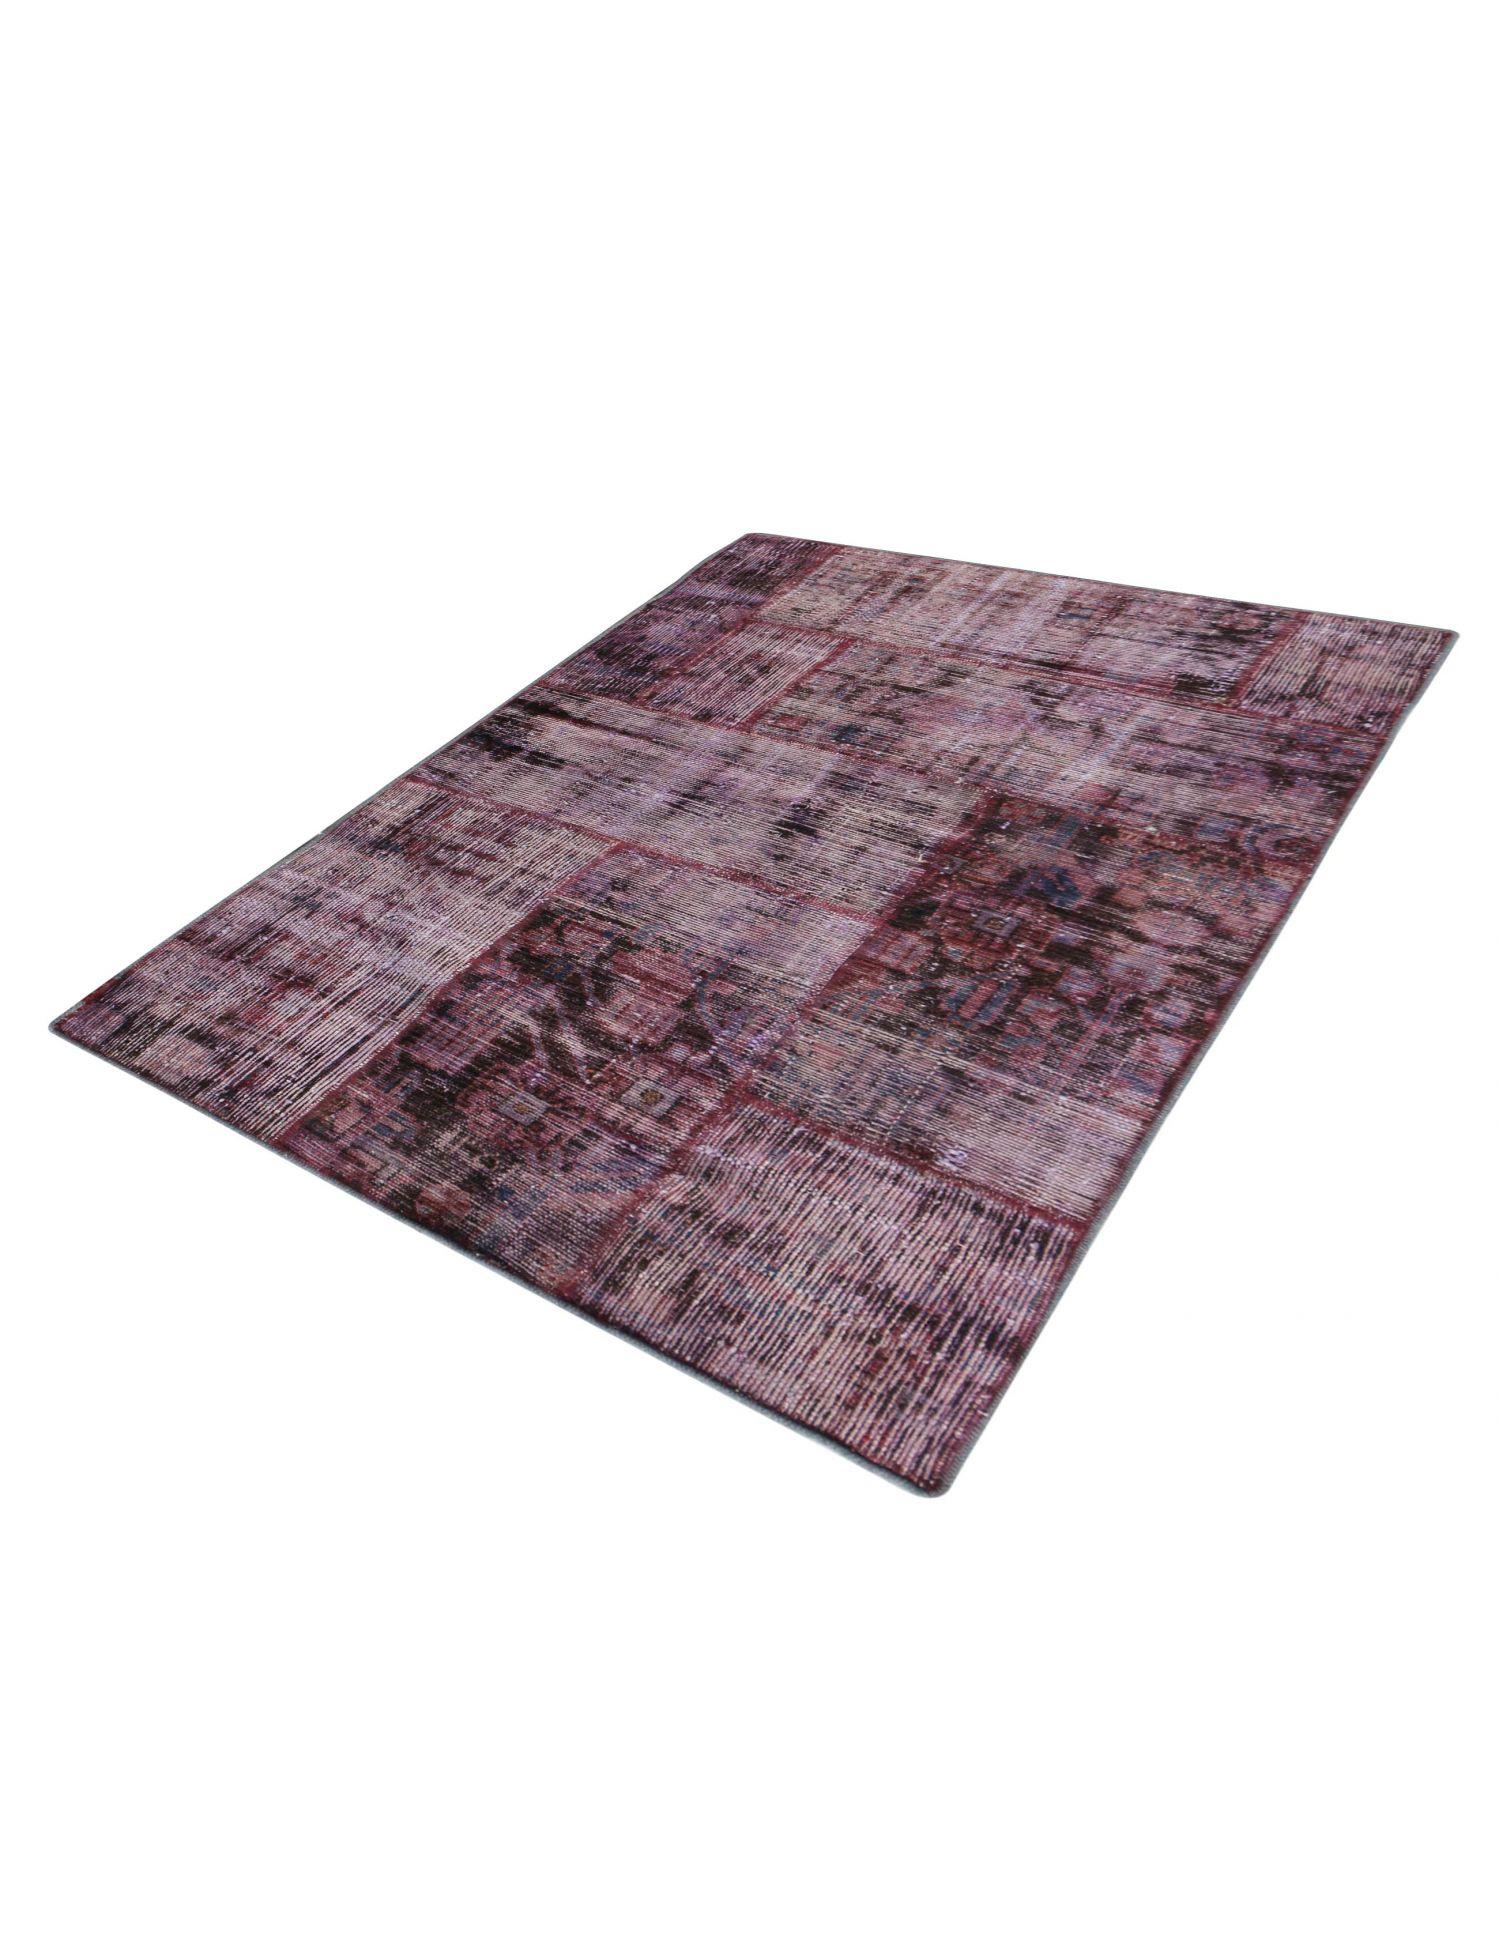 Persisk patchwork tæppe  lilla <br/>101 x 91 cm